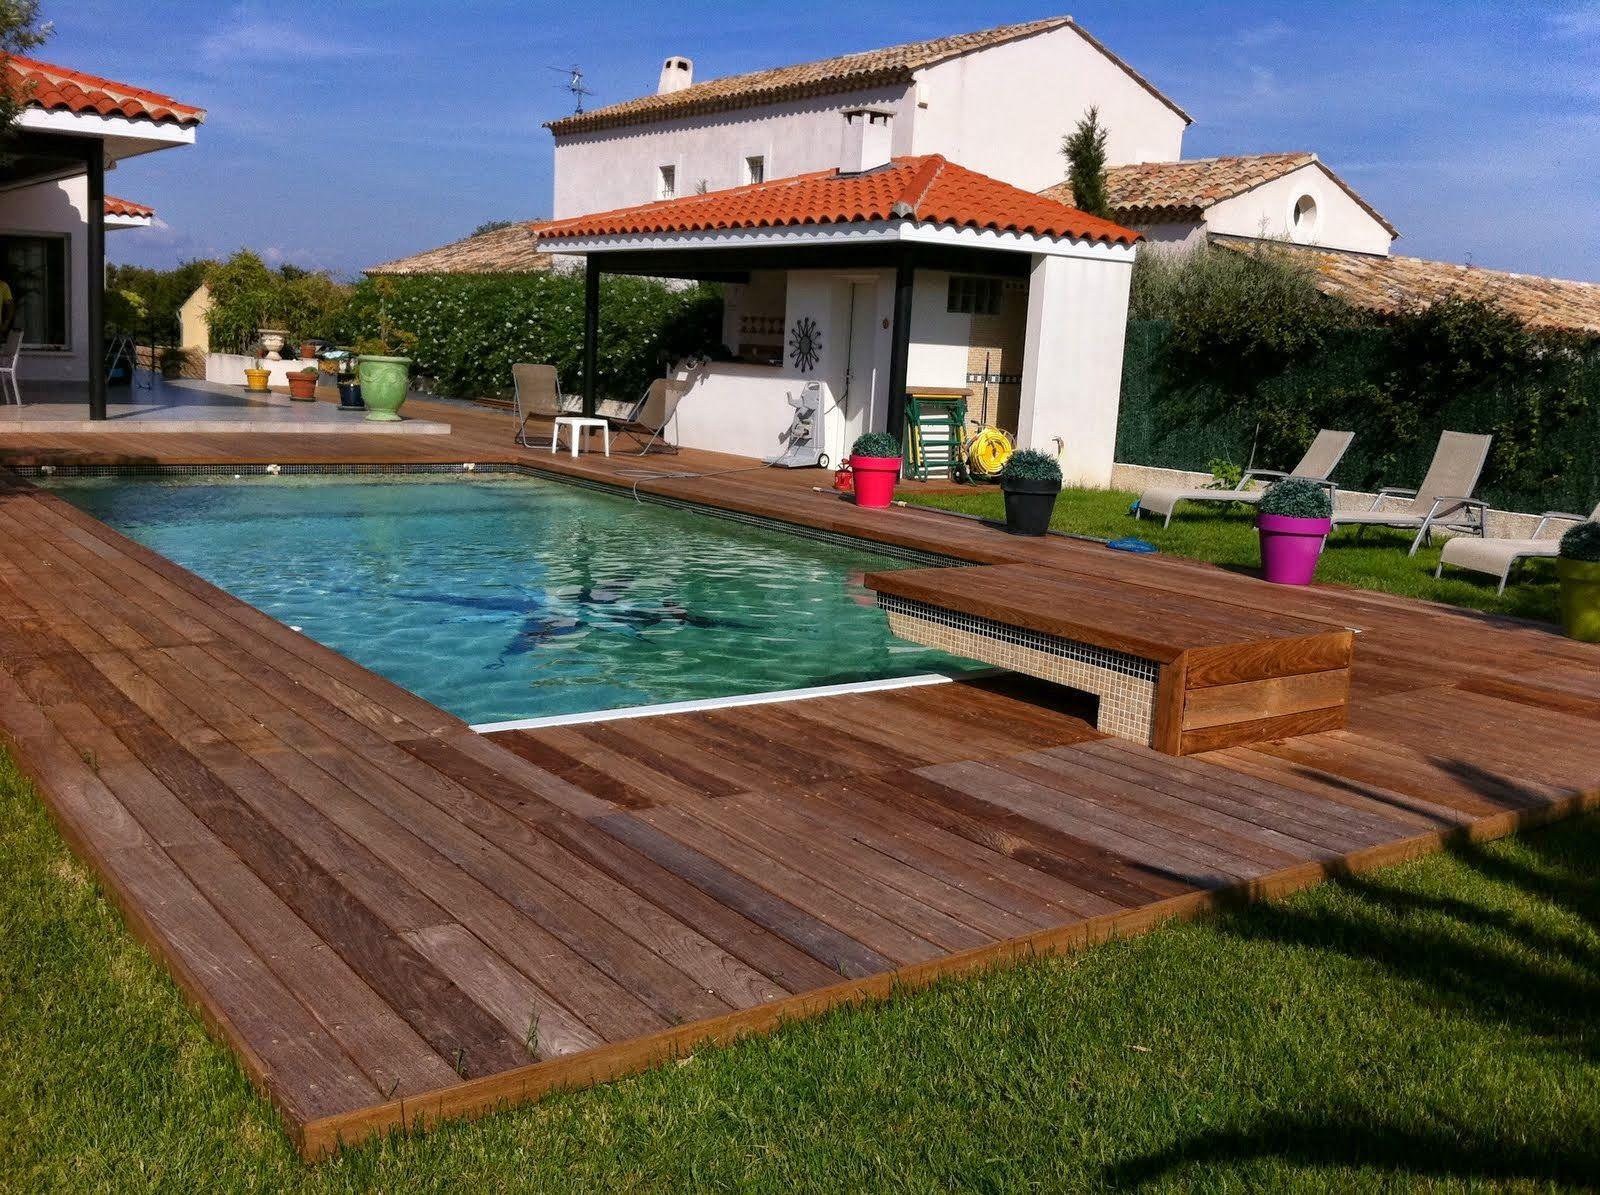 Terrasse de piscine Ipé visserie apparente margelle intégrée ...